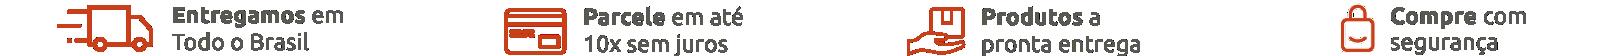 Banner home - compre - entrega